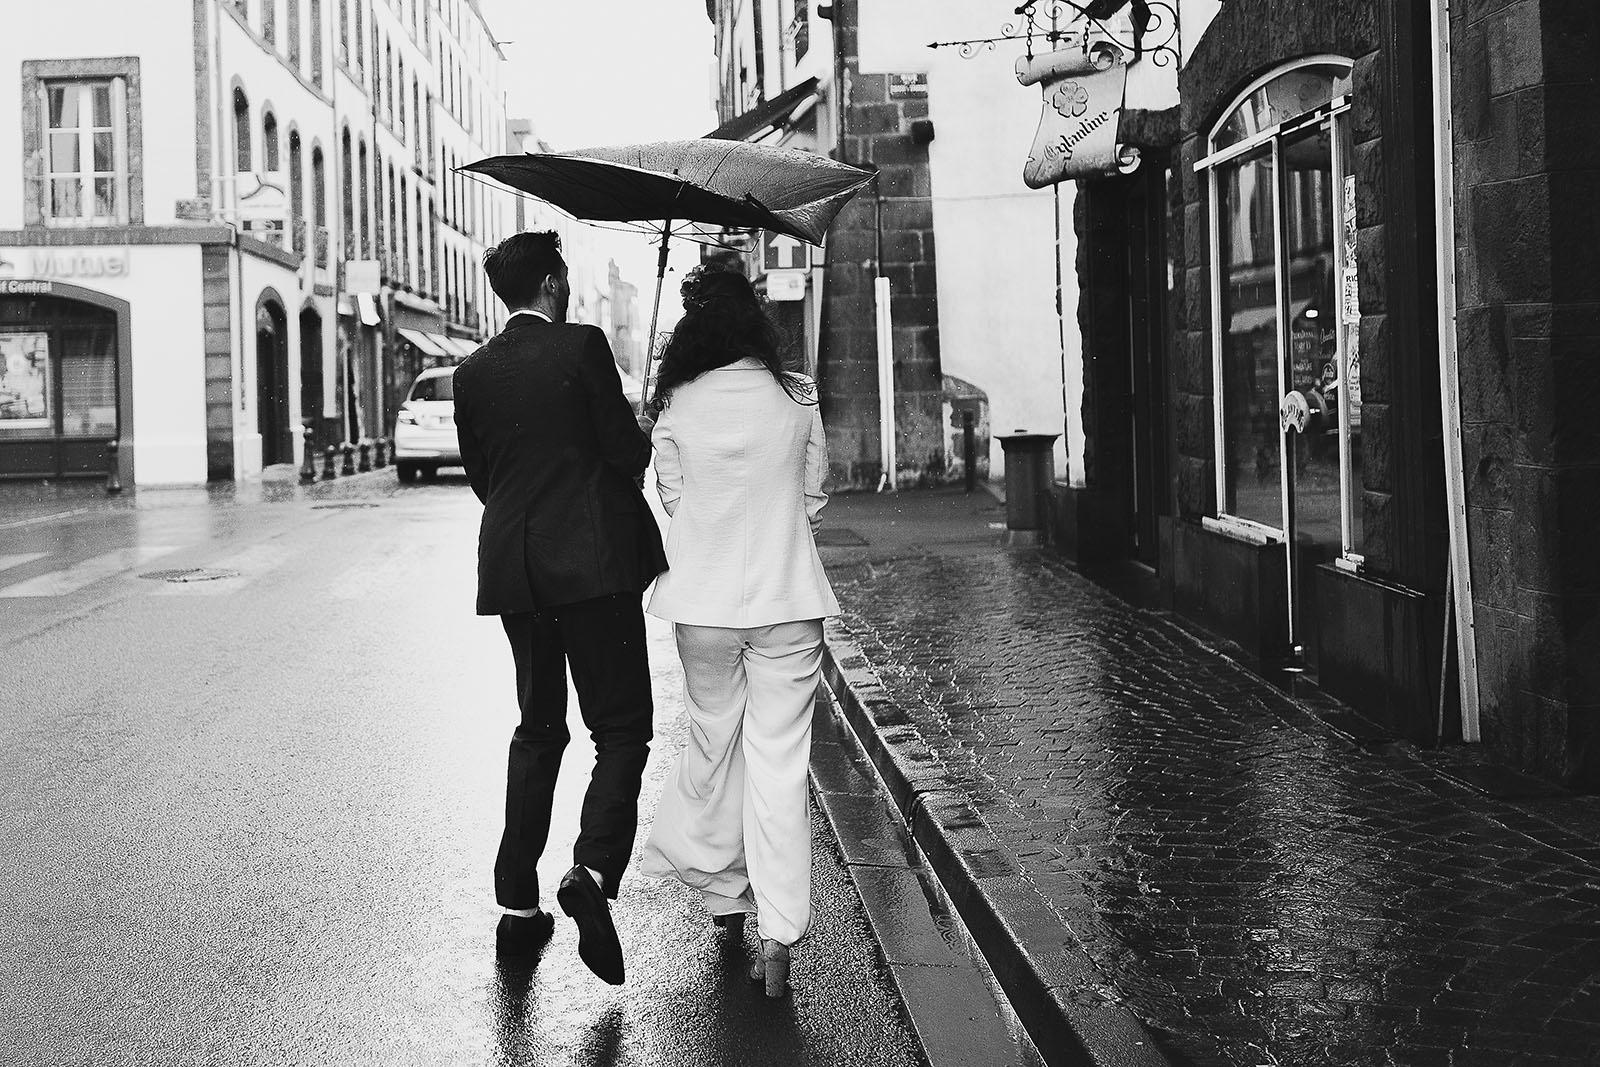 Photographe de mariage à Clermont Ferrand Les mariés sous la pluie avec le parapluie